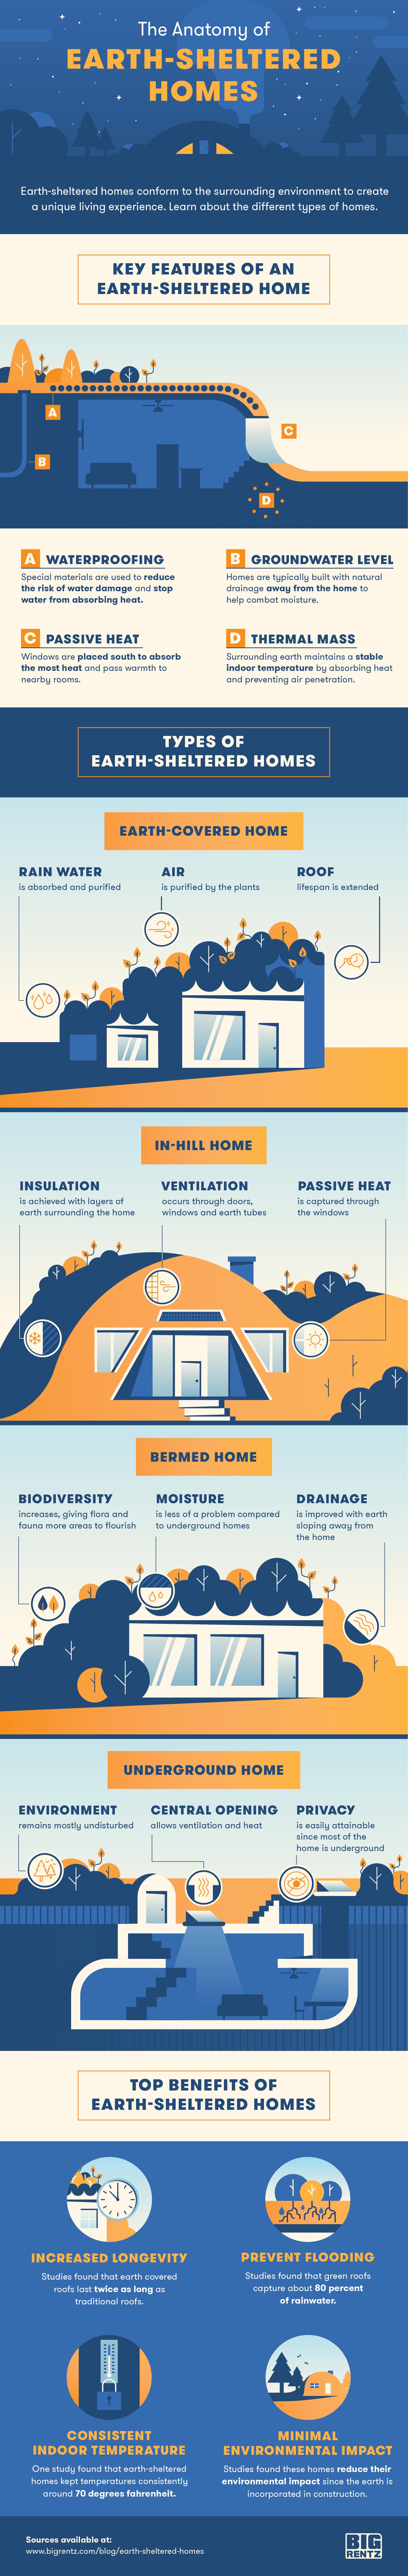 BR-Earth-Sheltered-Homes-IG1